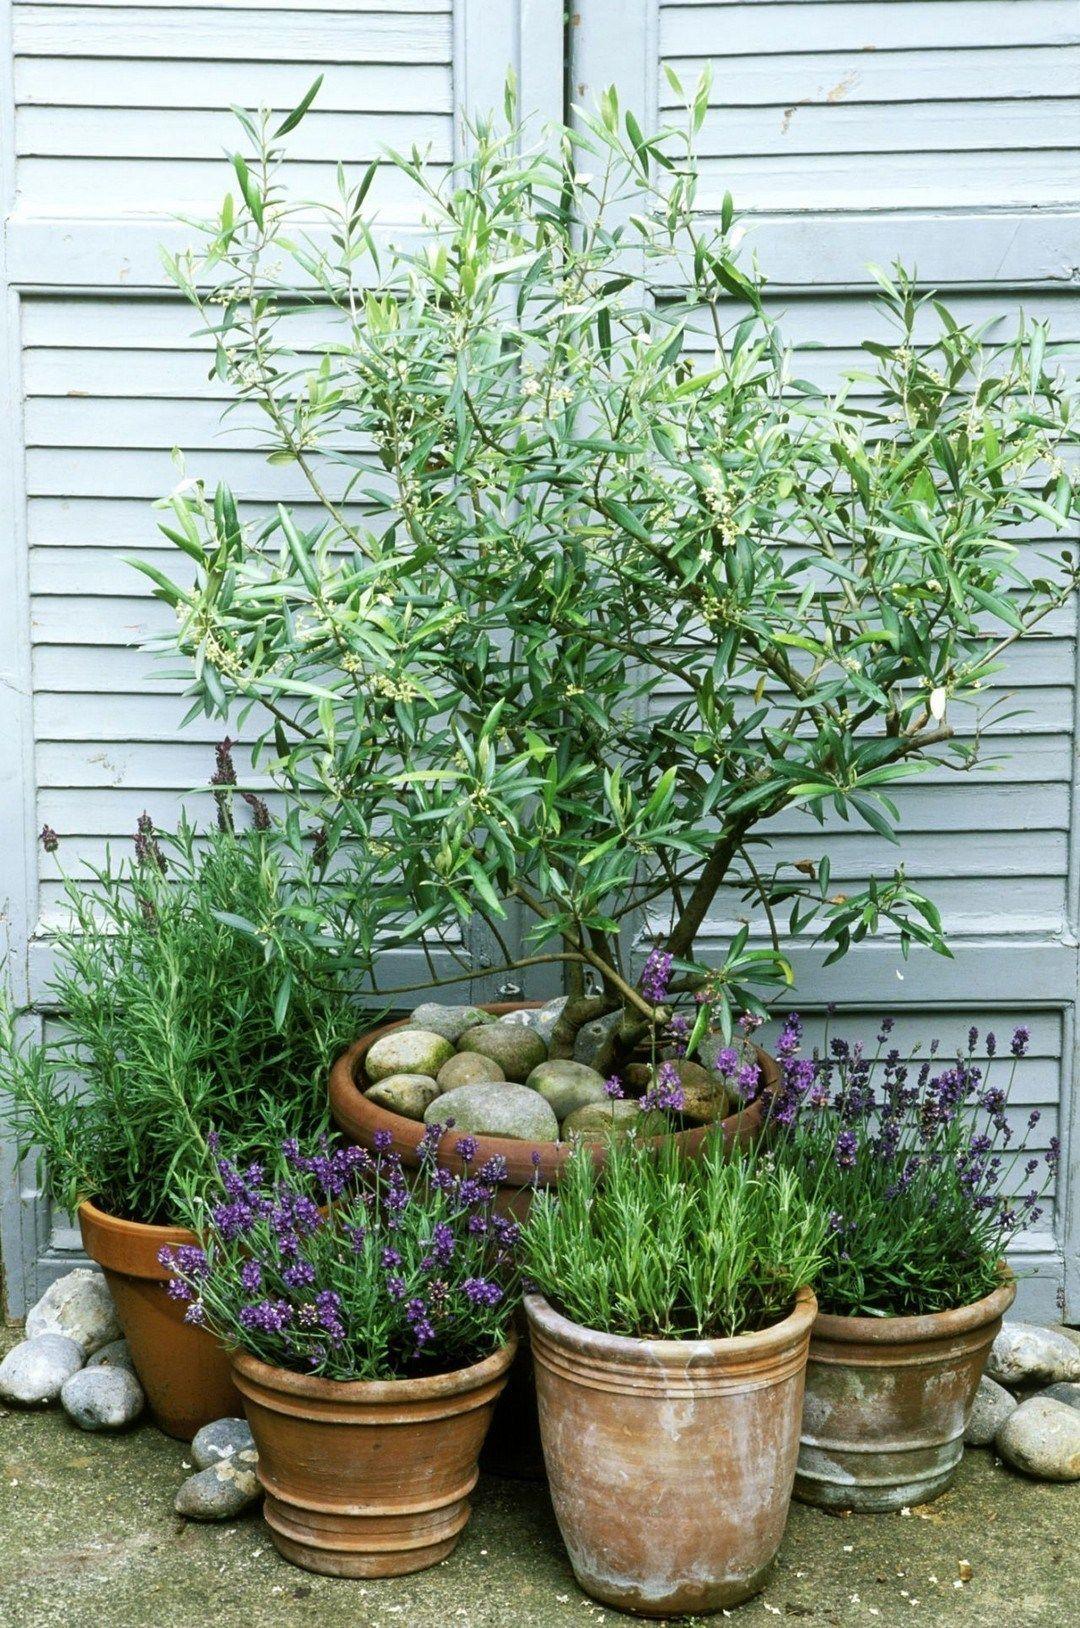 Landscaping Mediterranean Garden Ideas (1 Modern Landscaping Mediterranean Garden Ideas (1)Modern Landscaping Mediterranean Garden Ideas (1)